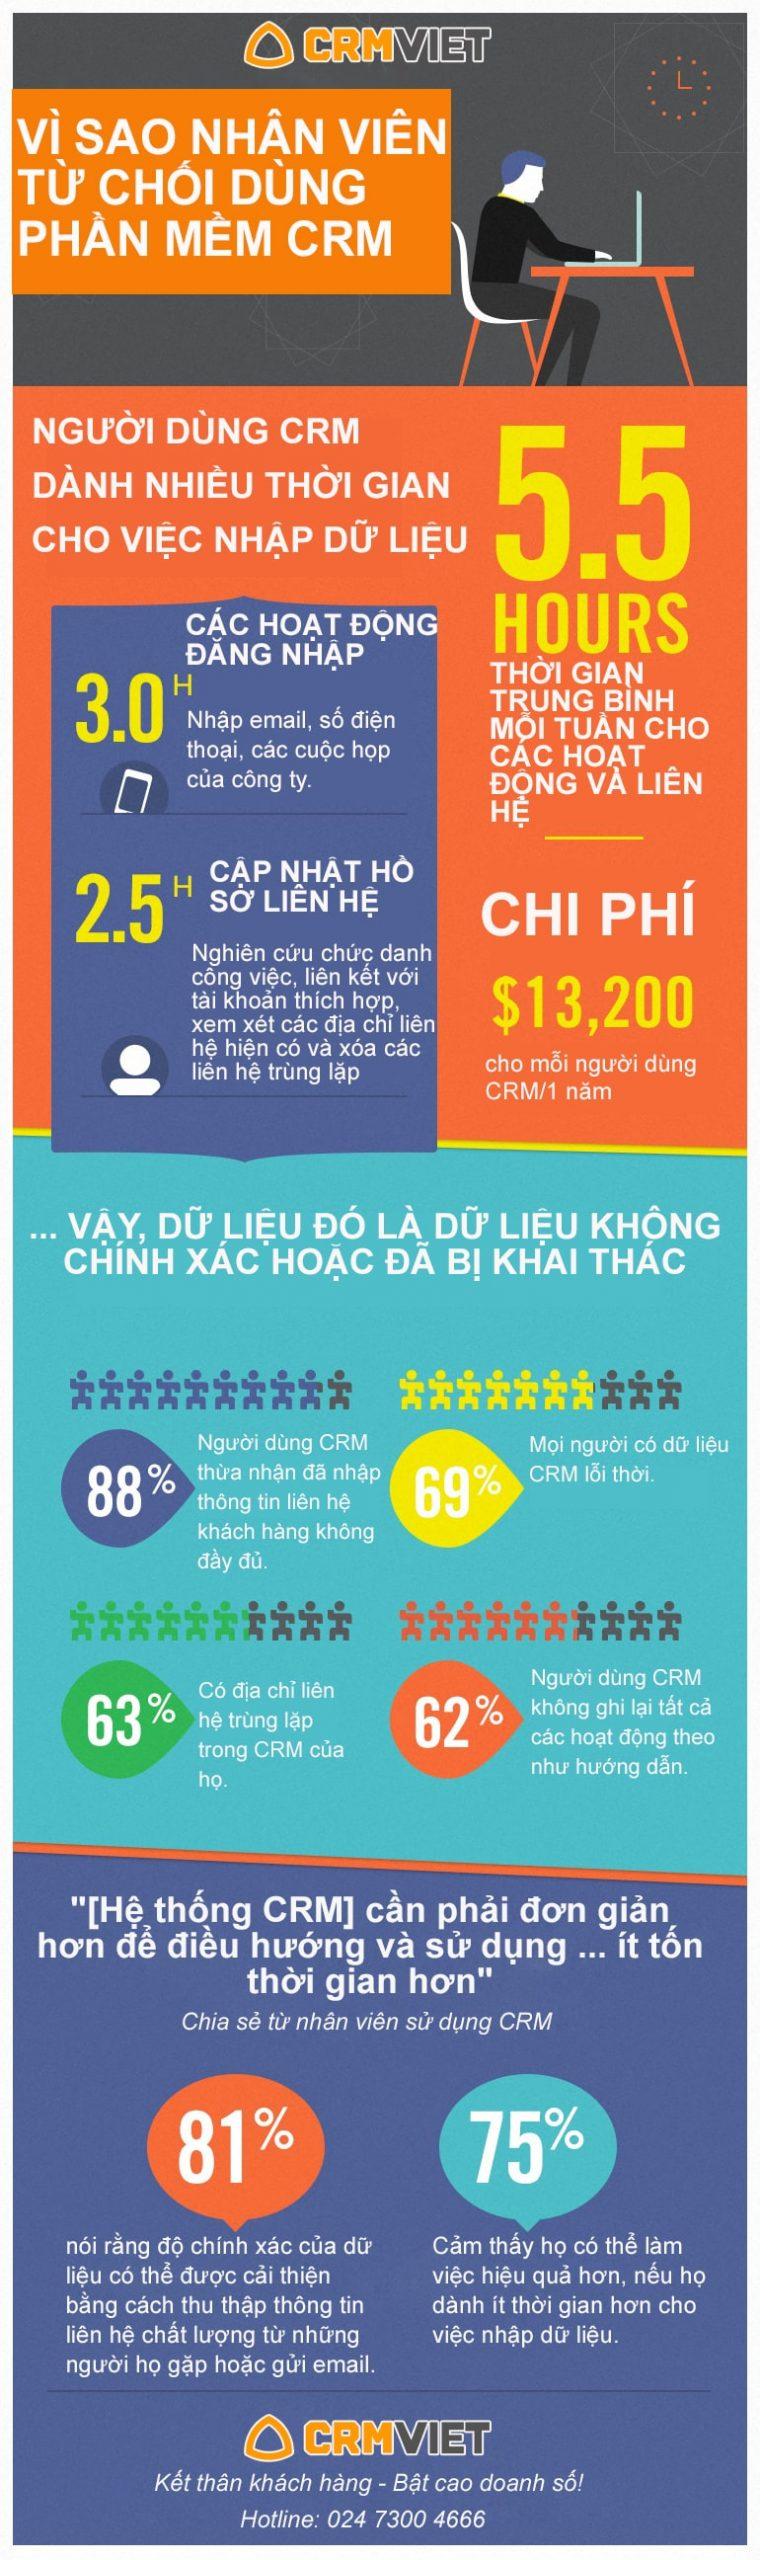 [Infographic] VÌ SAO NHÂN VIÊN TỪ CHỐI DÙNG PHẦN MỀM CRM